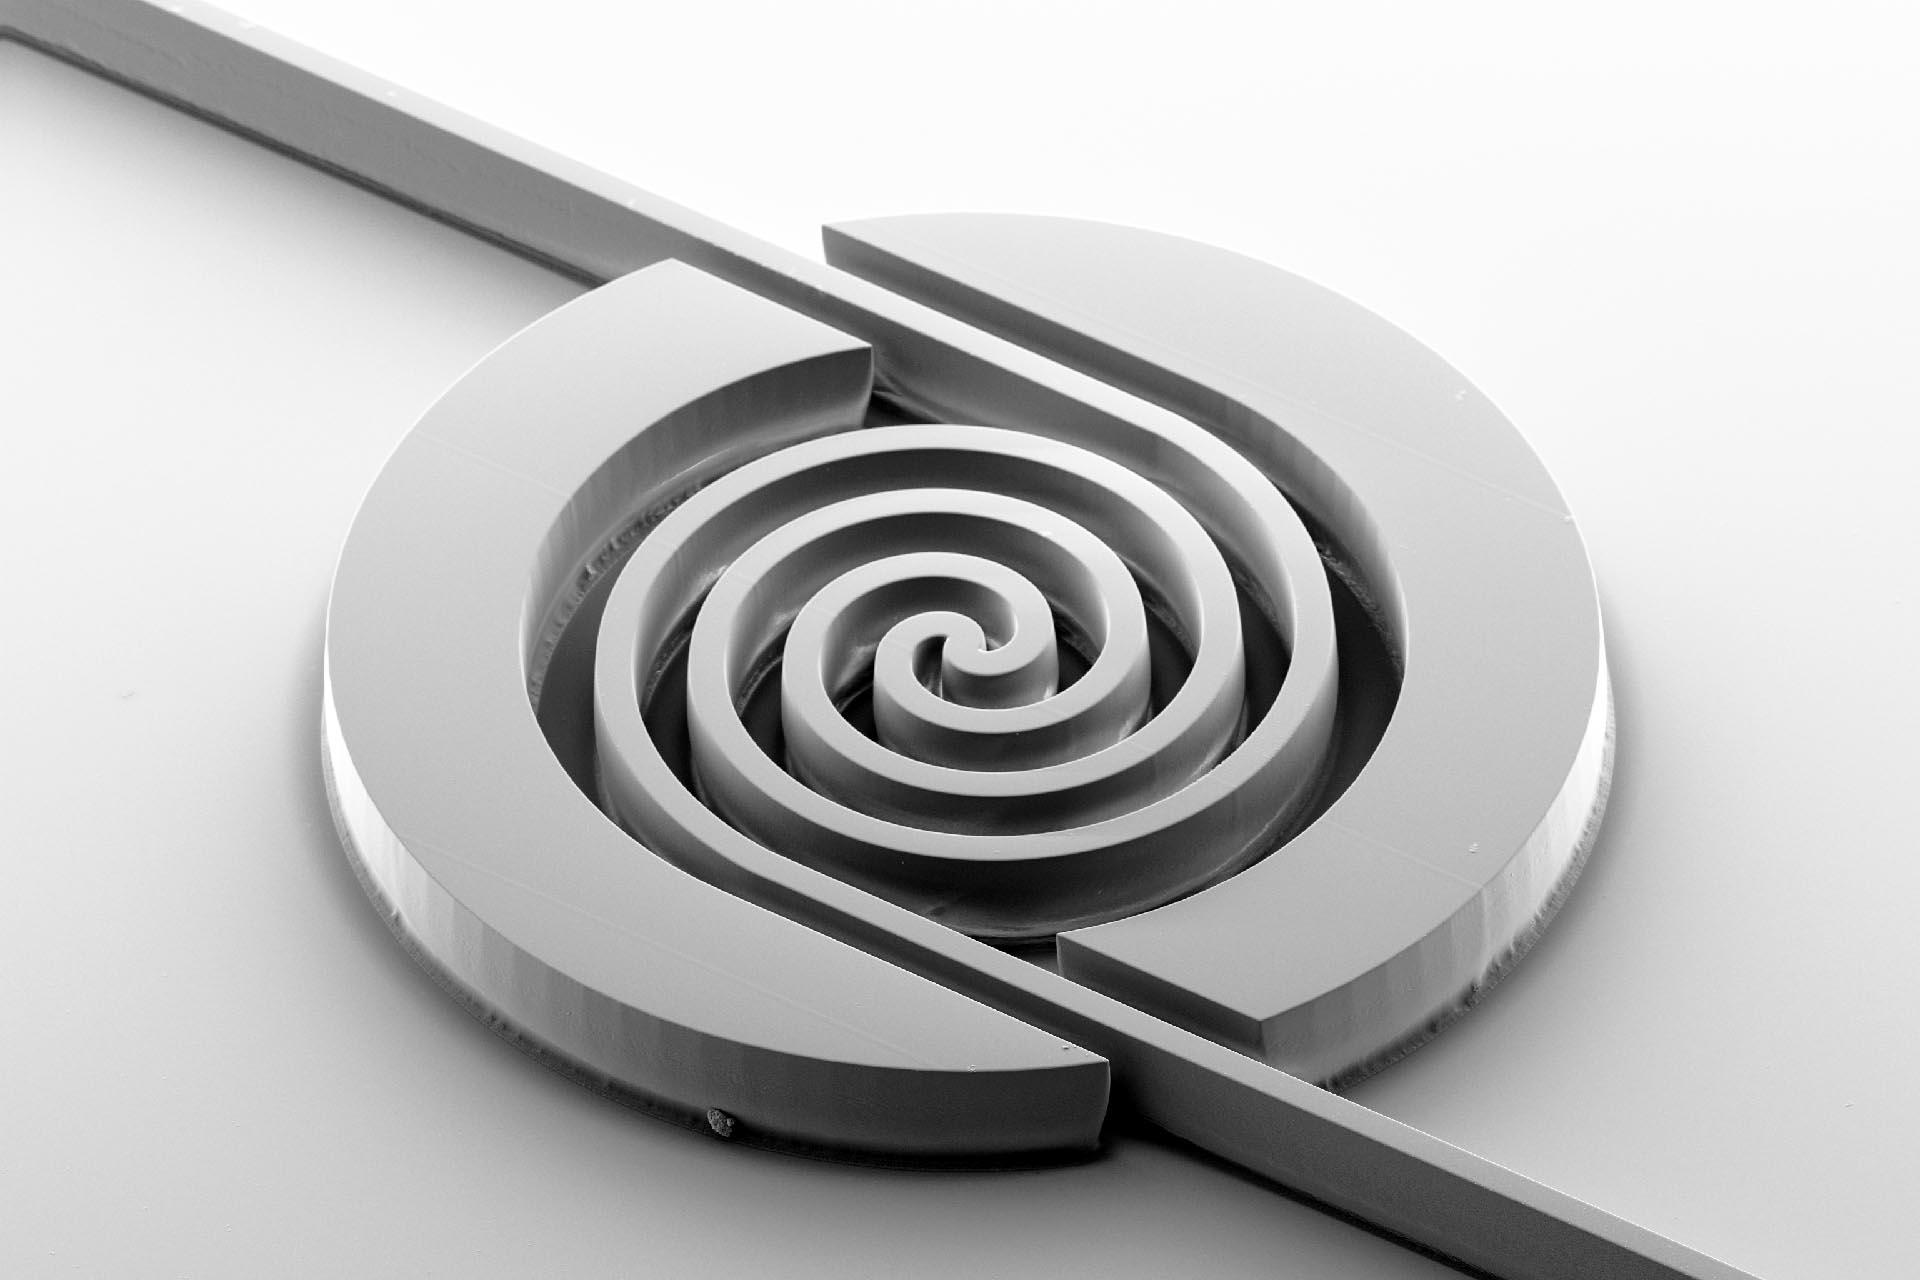 Spiral delay line for waveguides